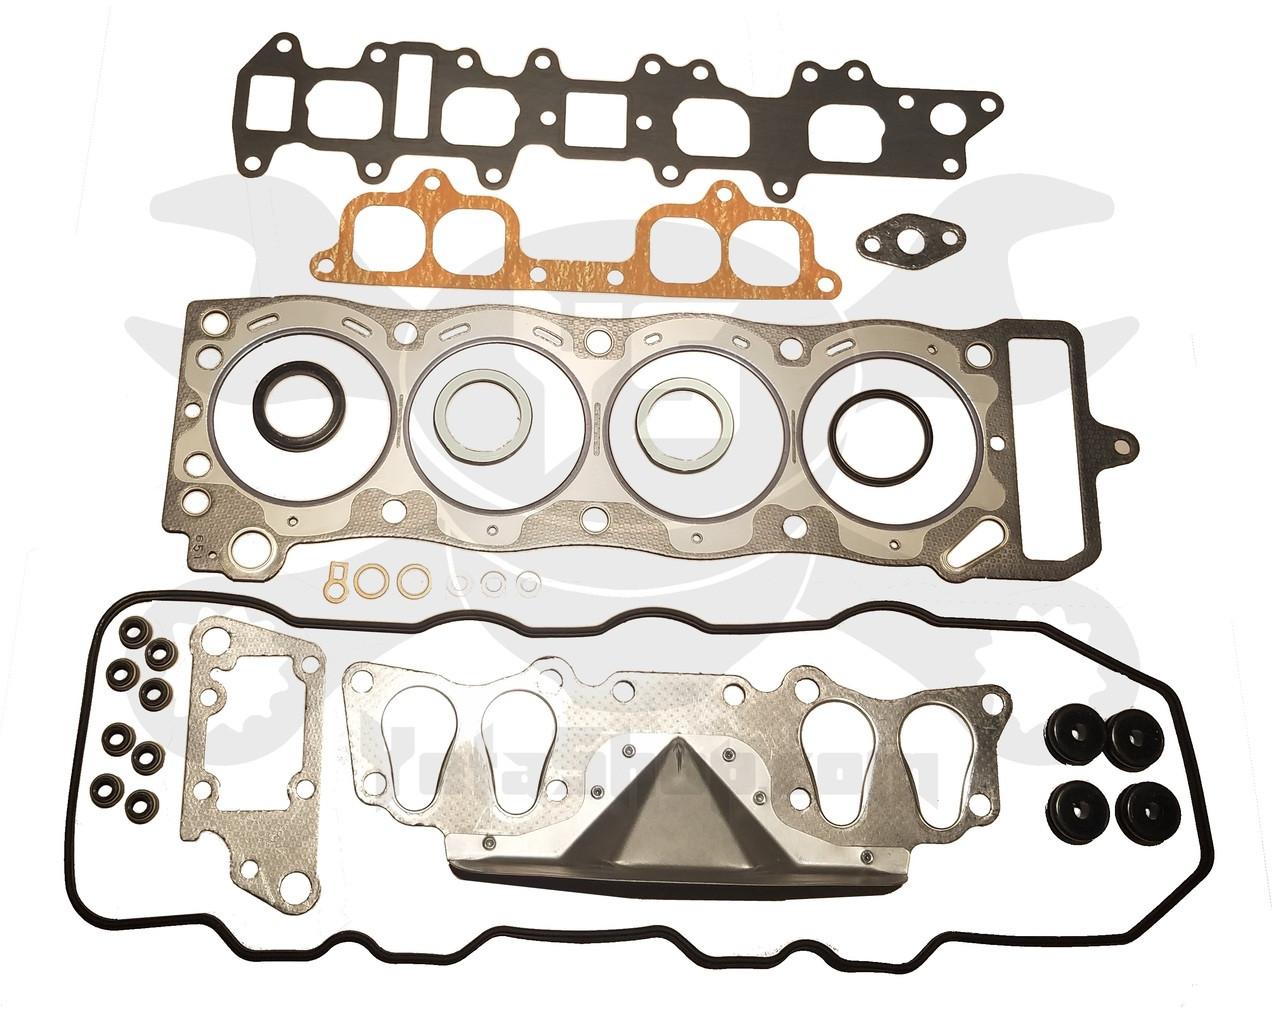 Toyota Truck & 4Runner 22RE (88-95) OEM Head Gasket Set